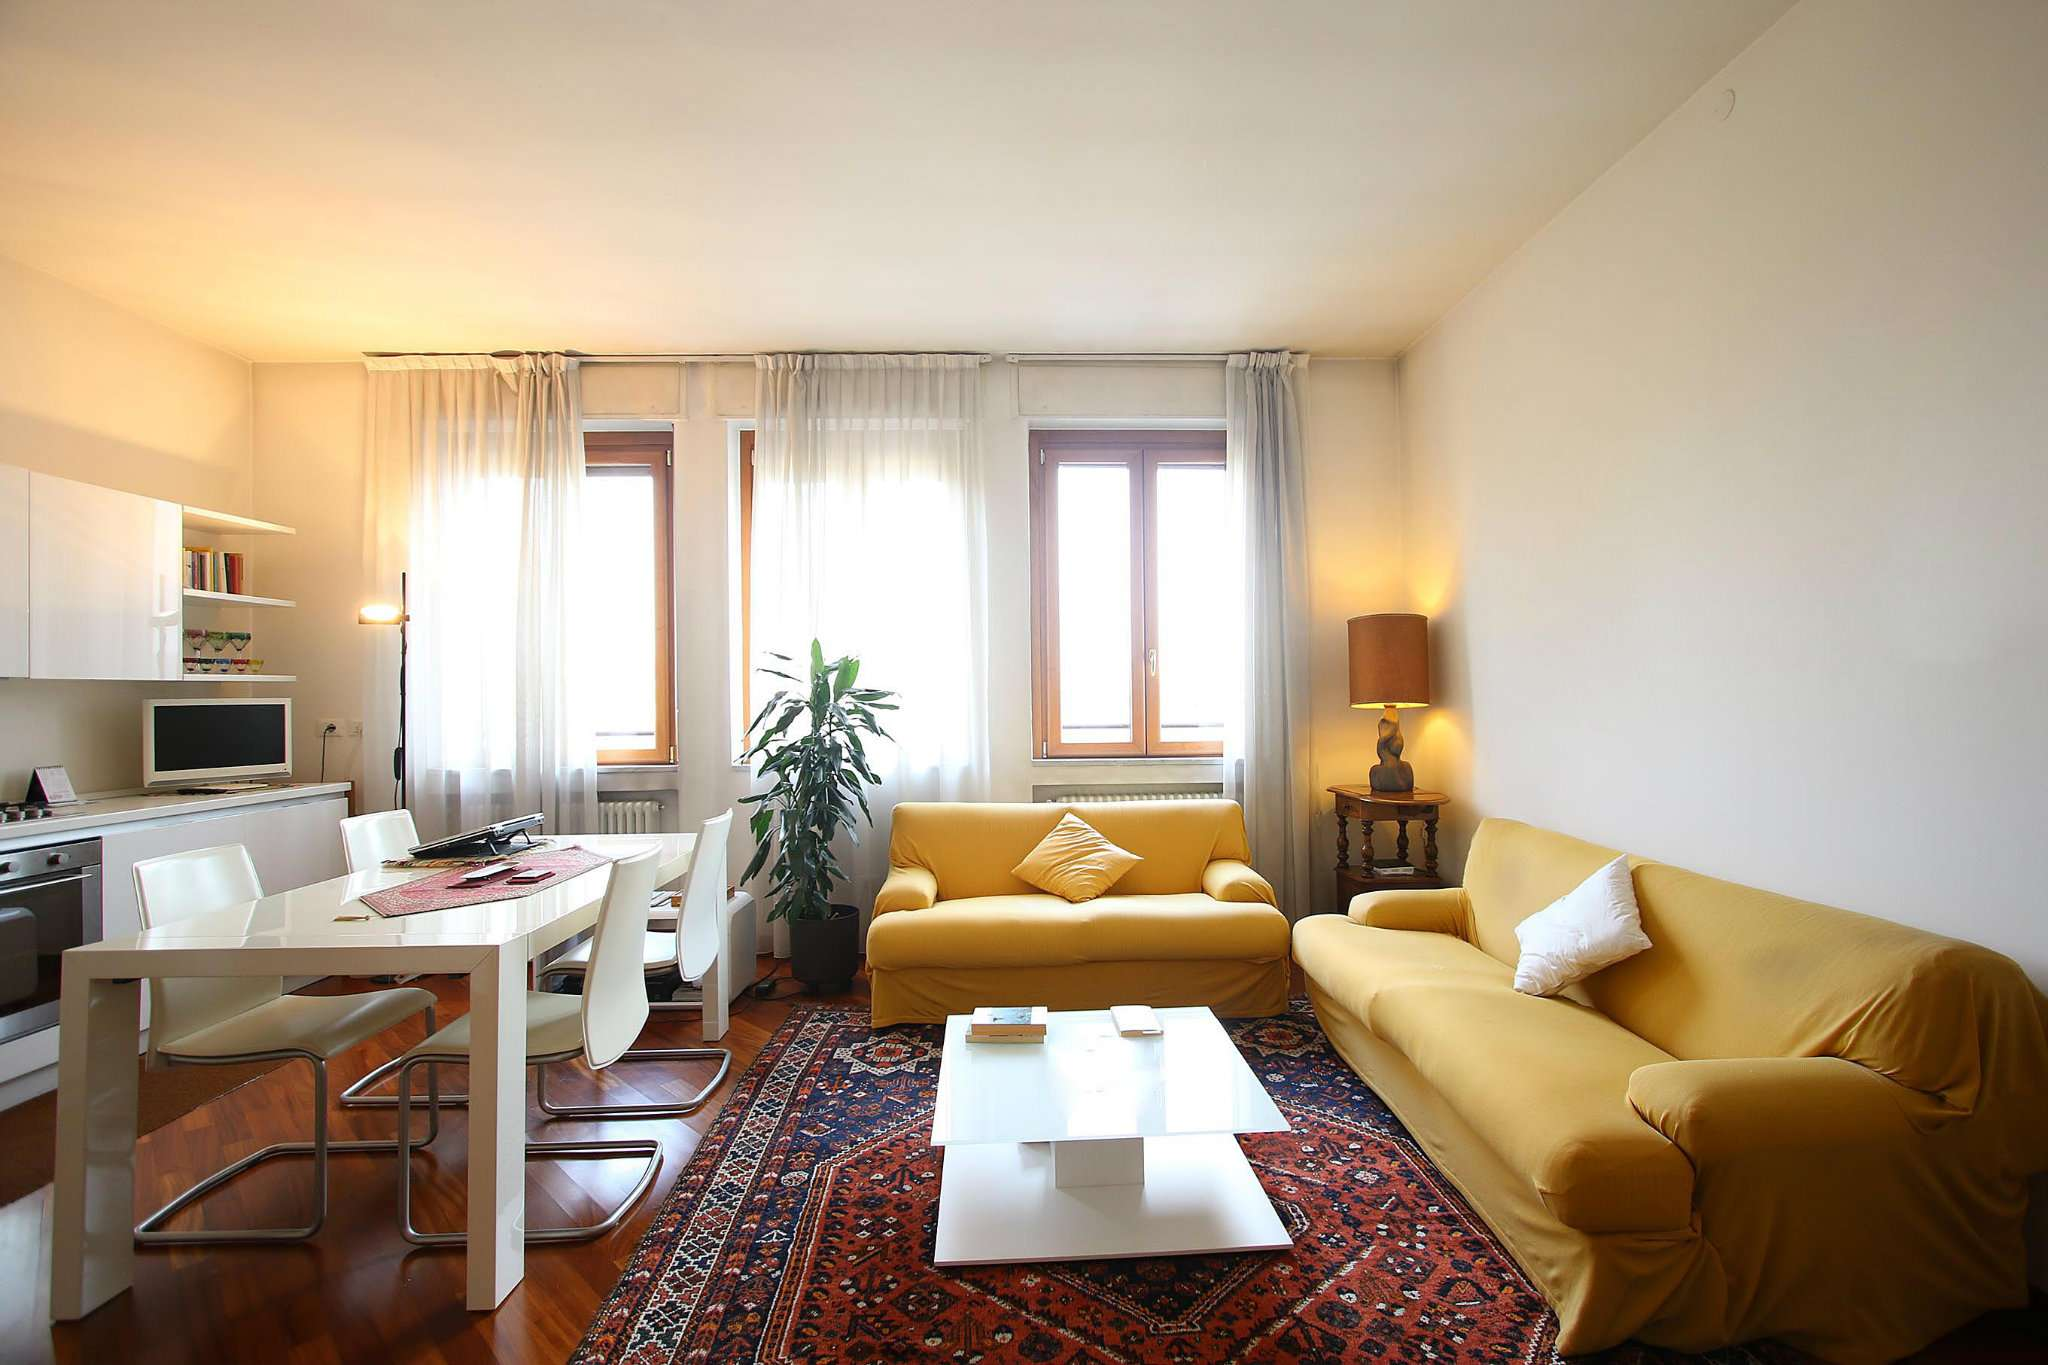 Appartamento in Vendita a Milano 01 Centro storico (Cerchia dei Navigli): 2 locali, 65 mq